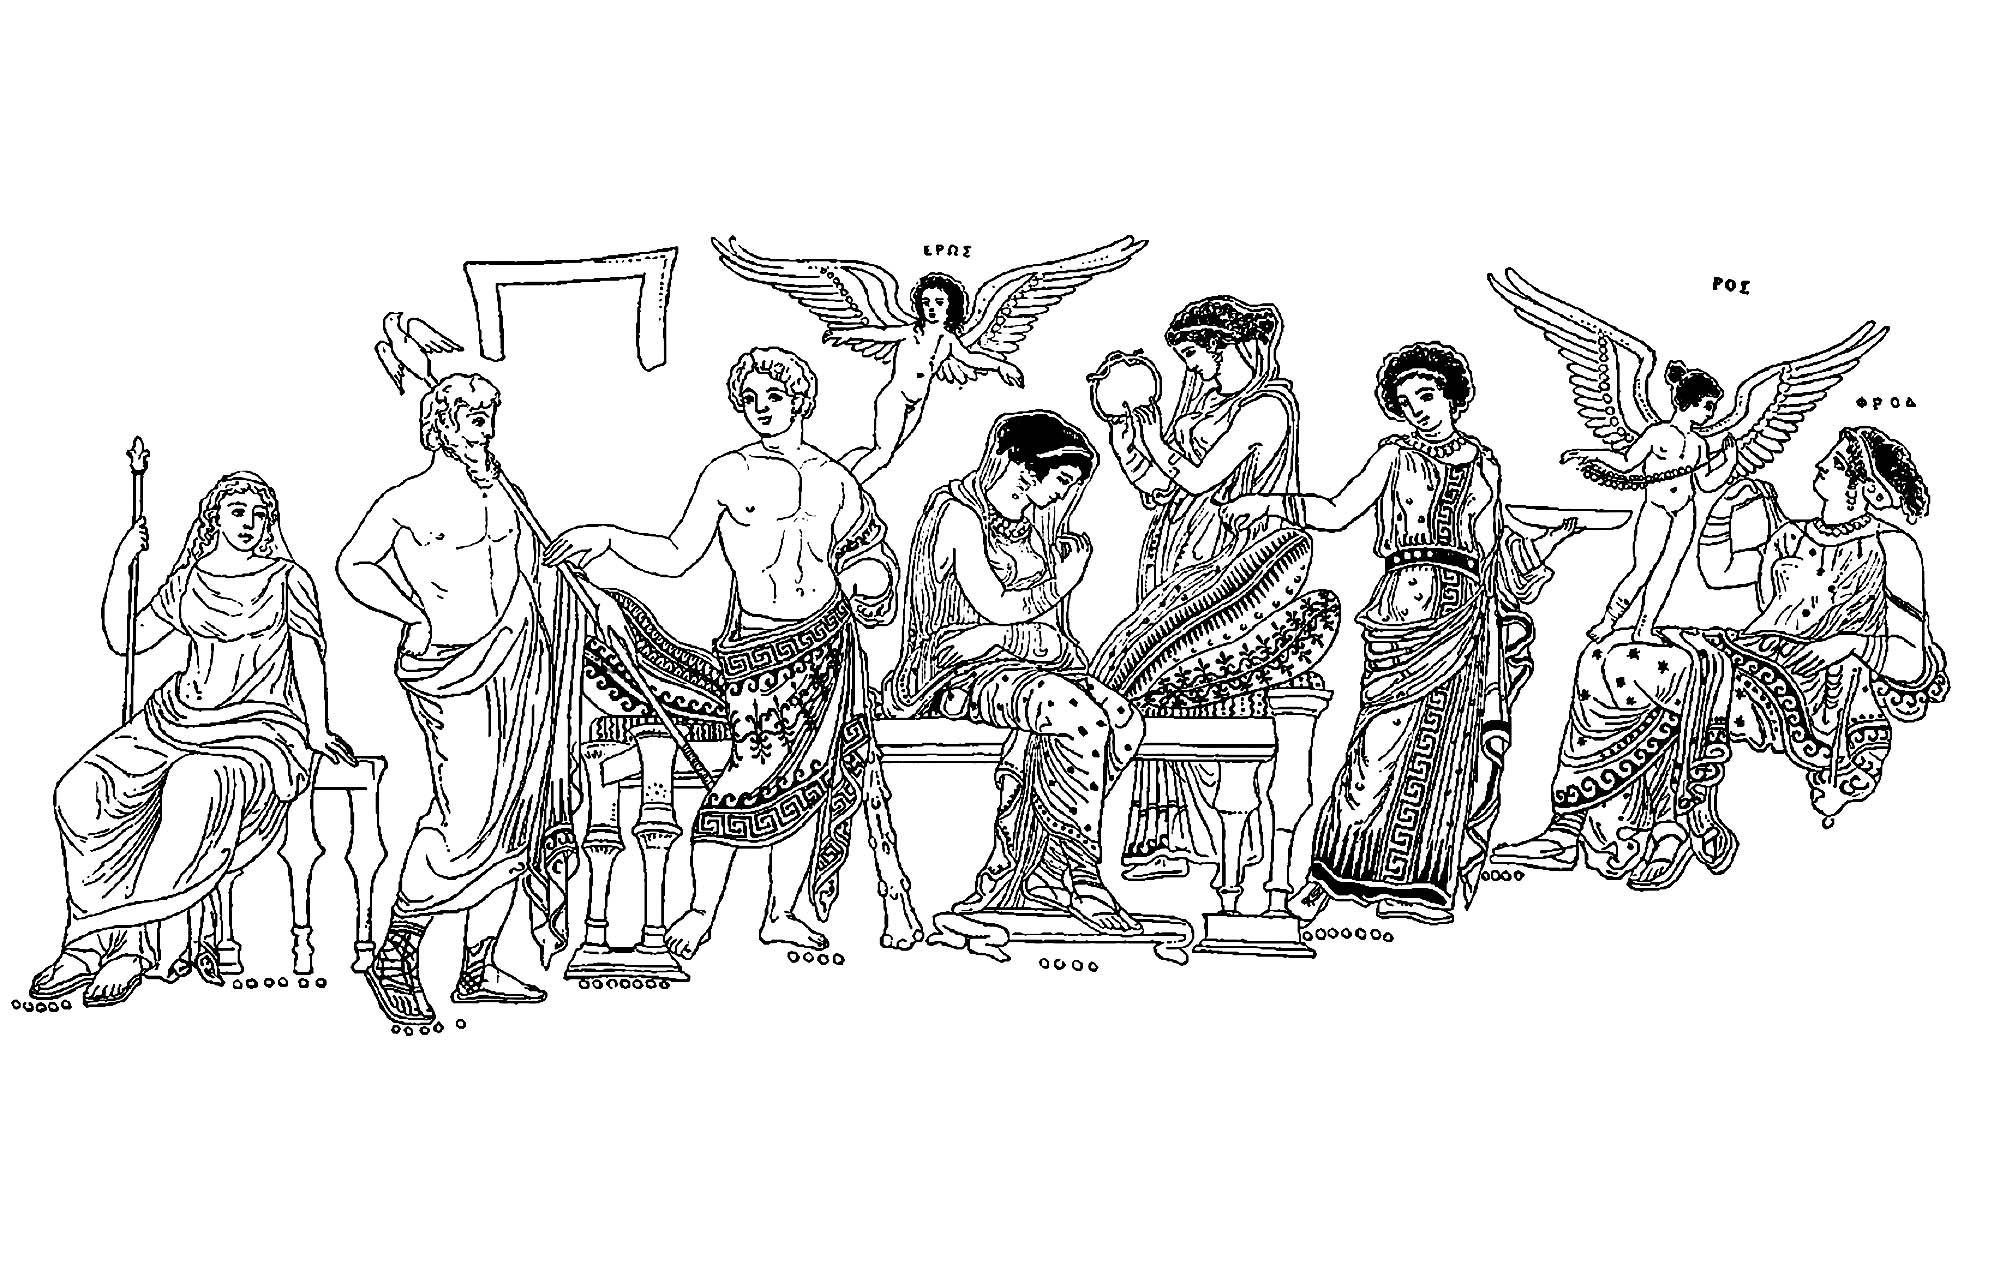 Disegni da colorare per adulti : Grecia Antica - 9